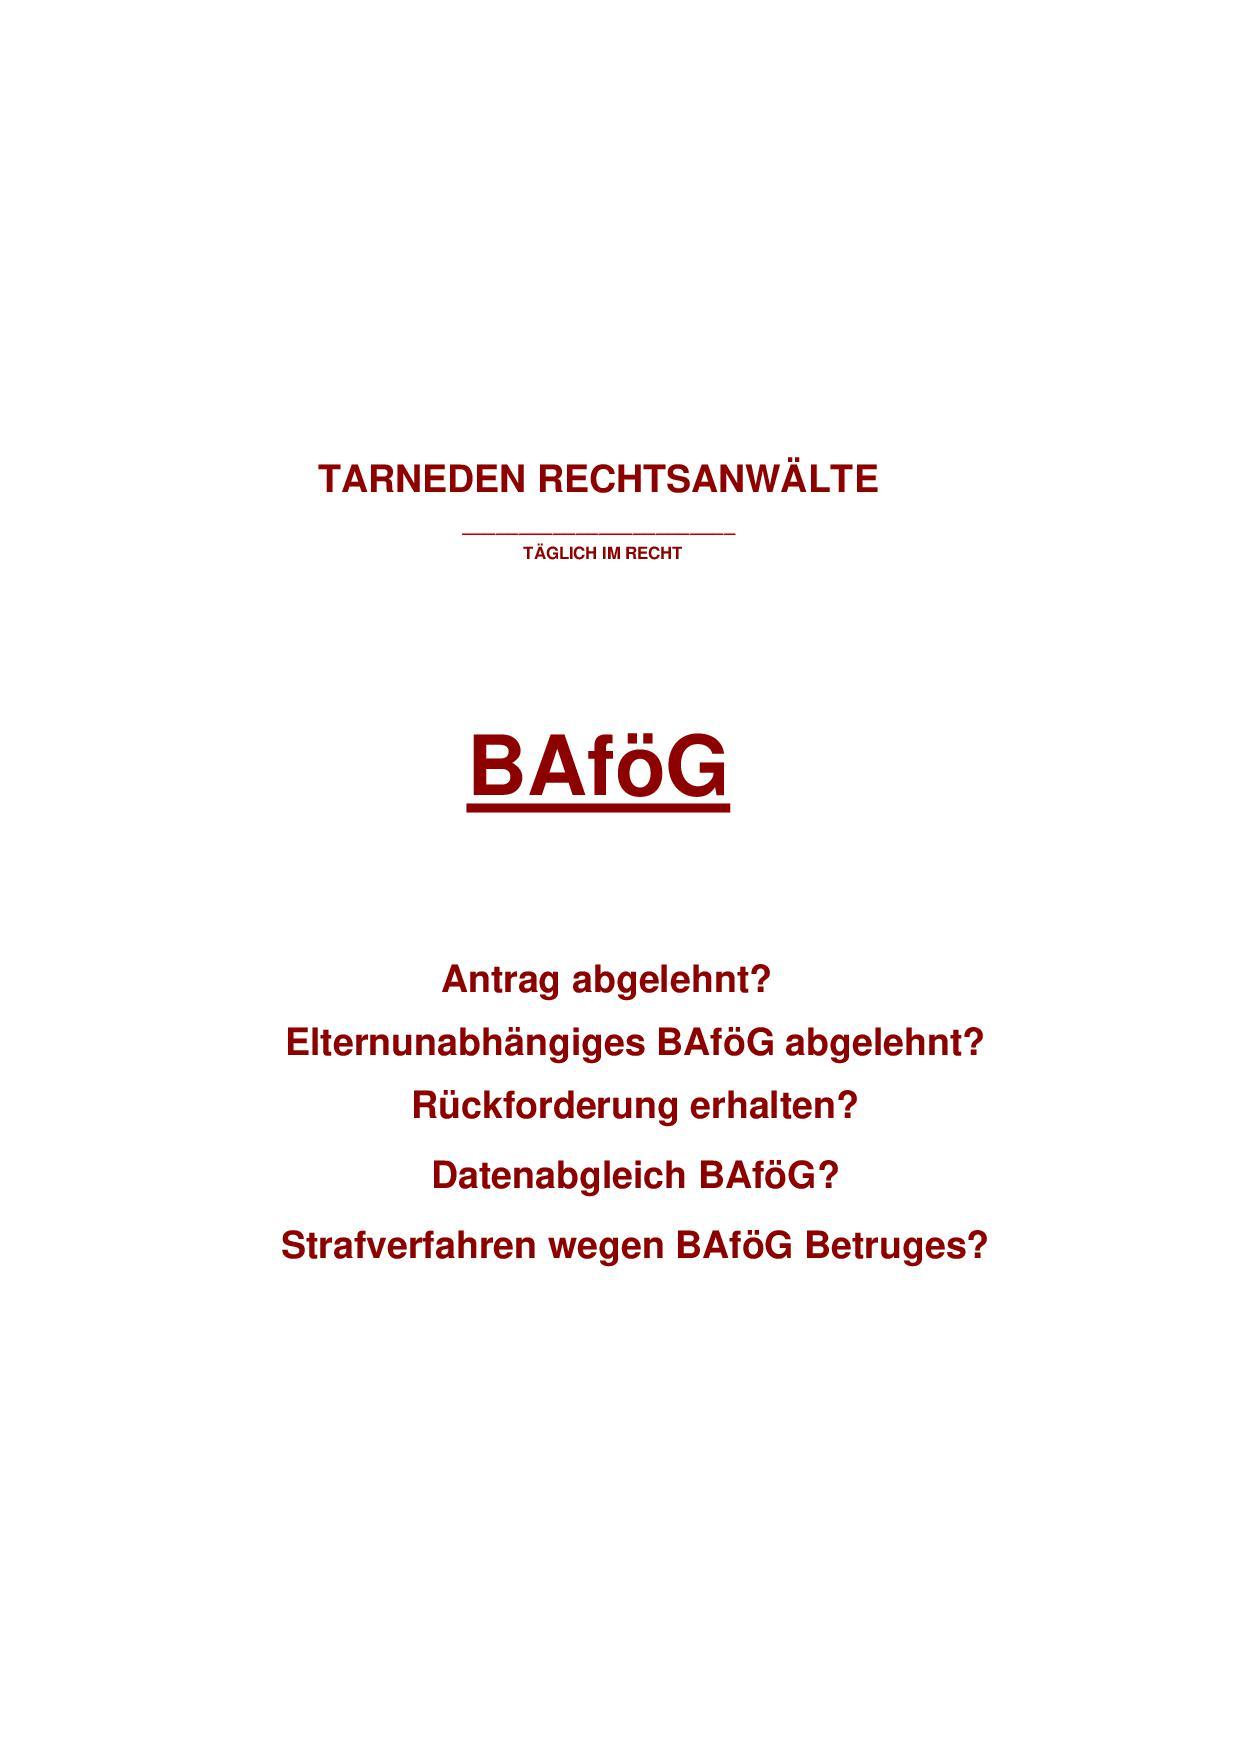 Ratgeber BAFOEG Recht